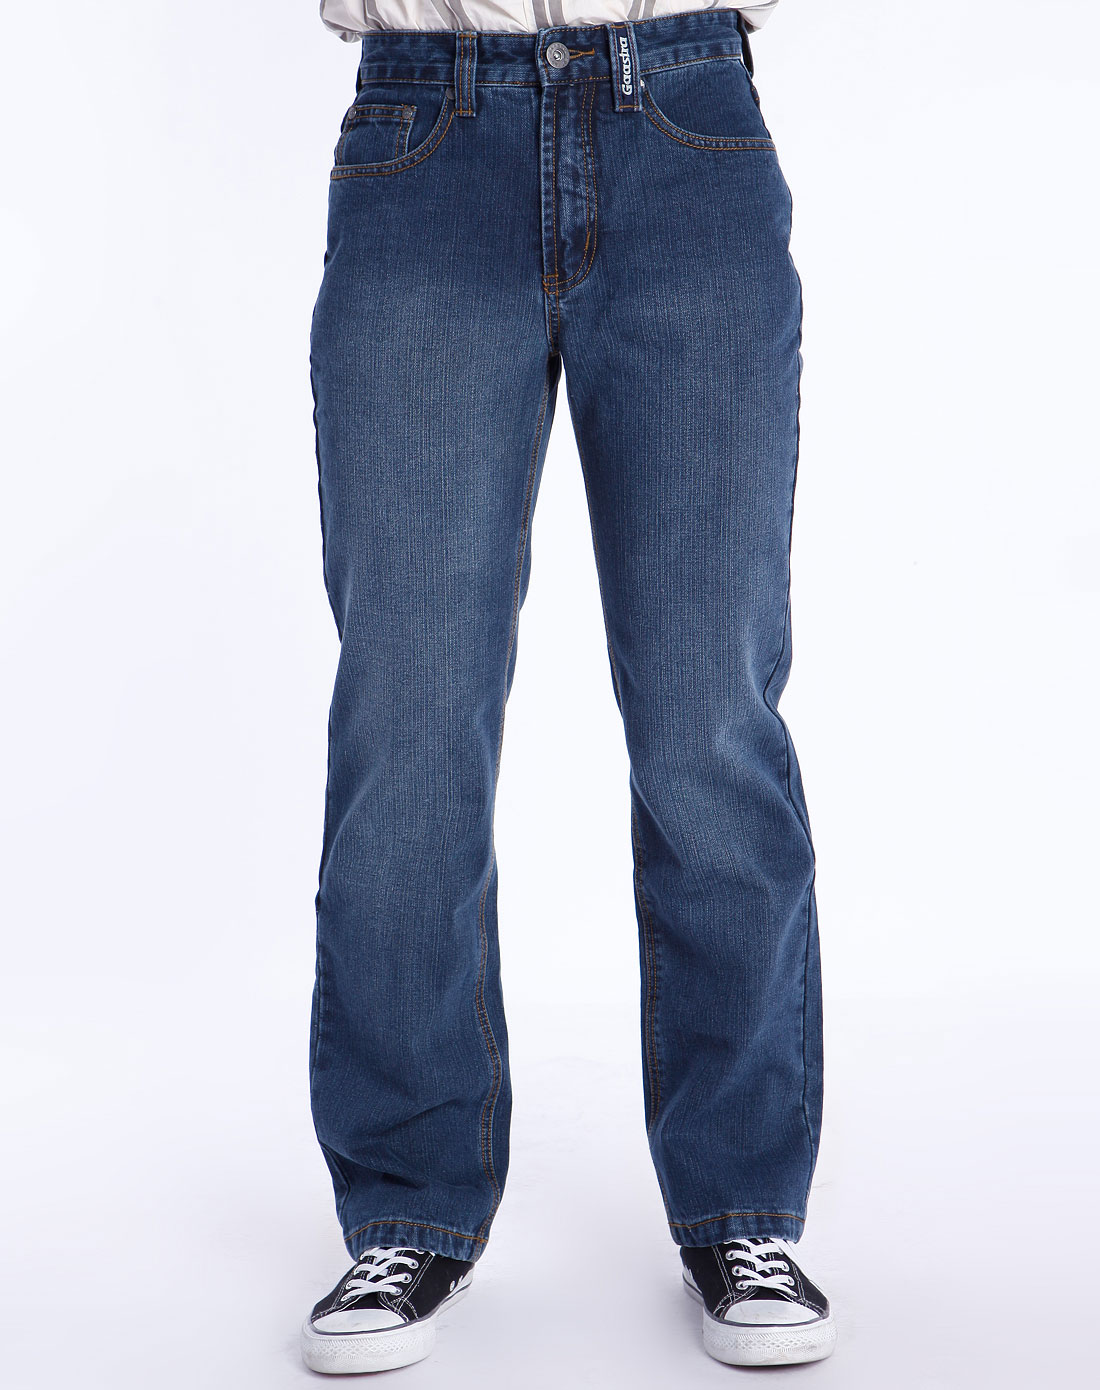 男款深蓝色休闲牛仔长裤